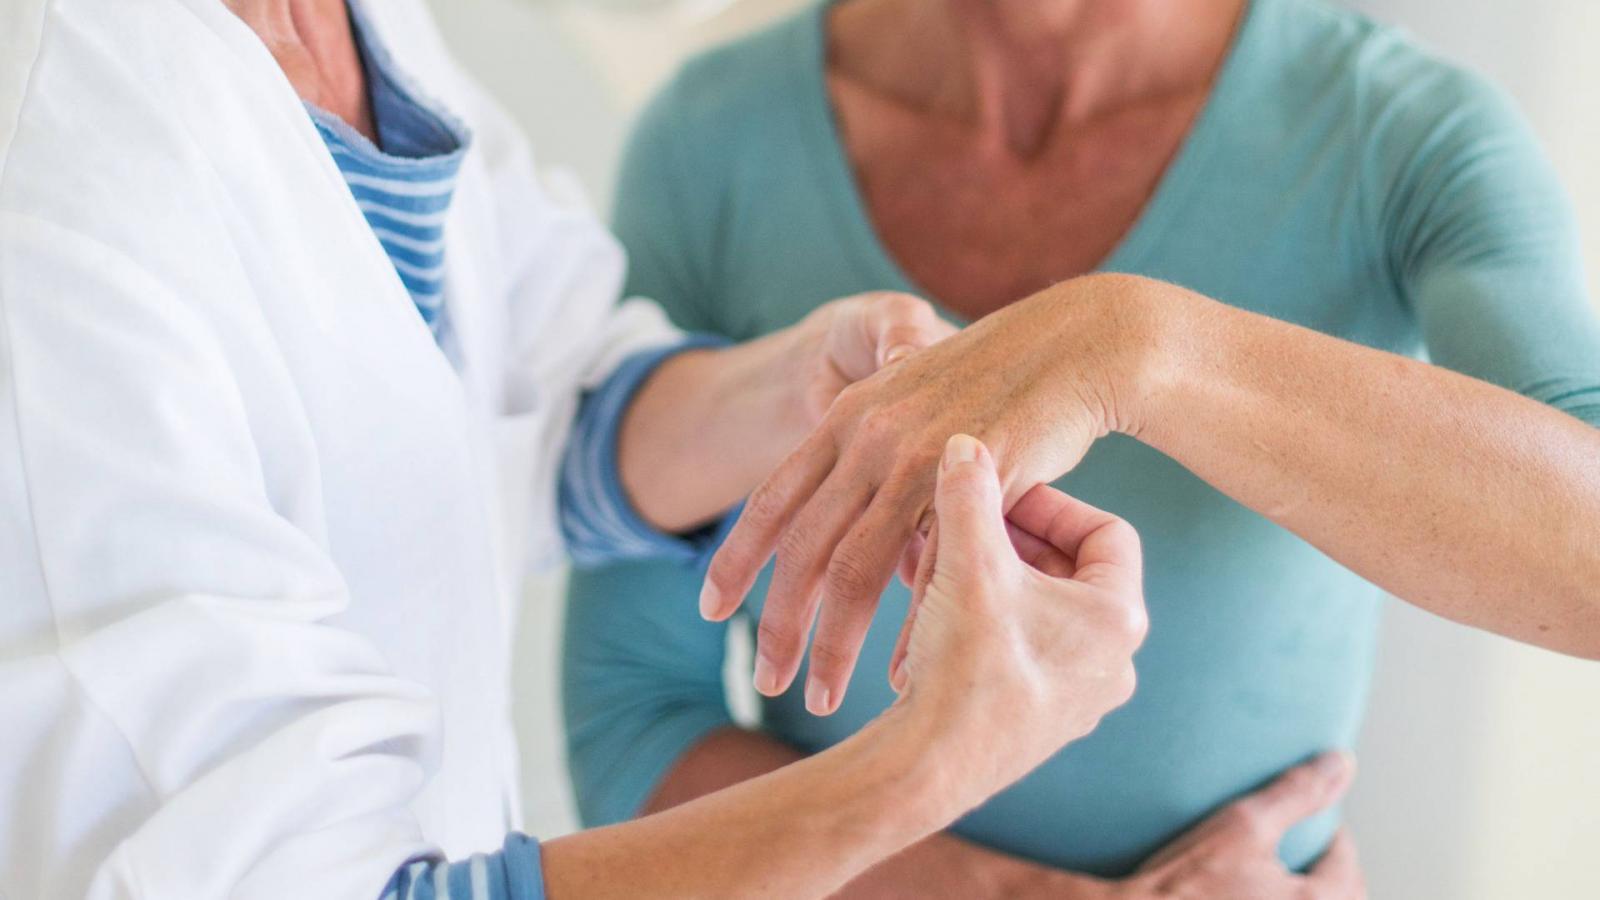 ízületek állatorvosi kezelése a térd artritiszének utolsó stádiuma